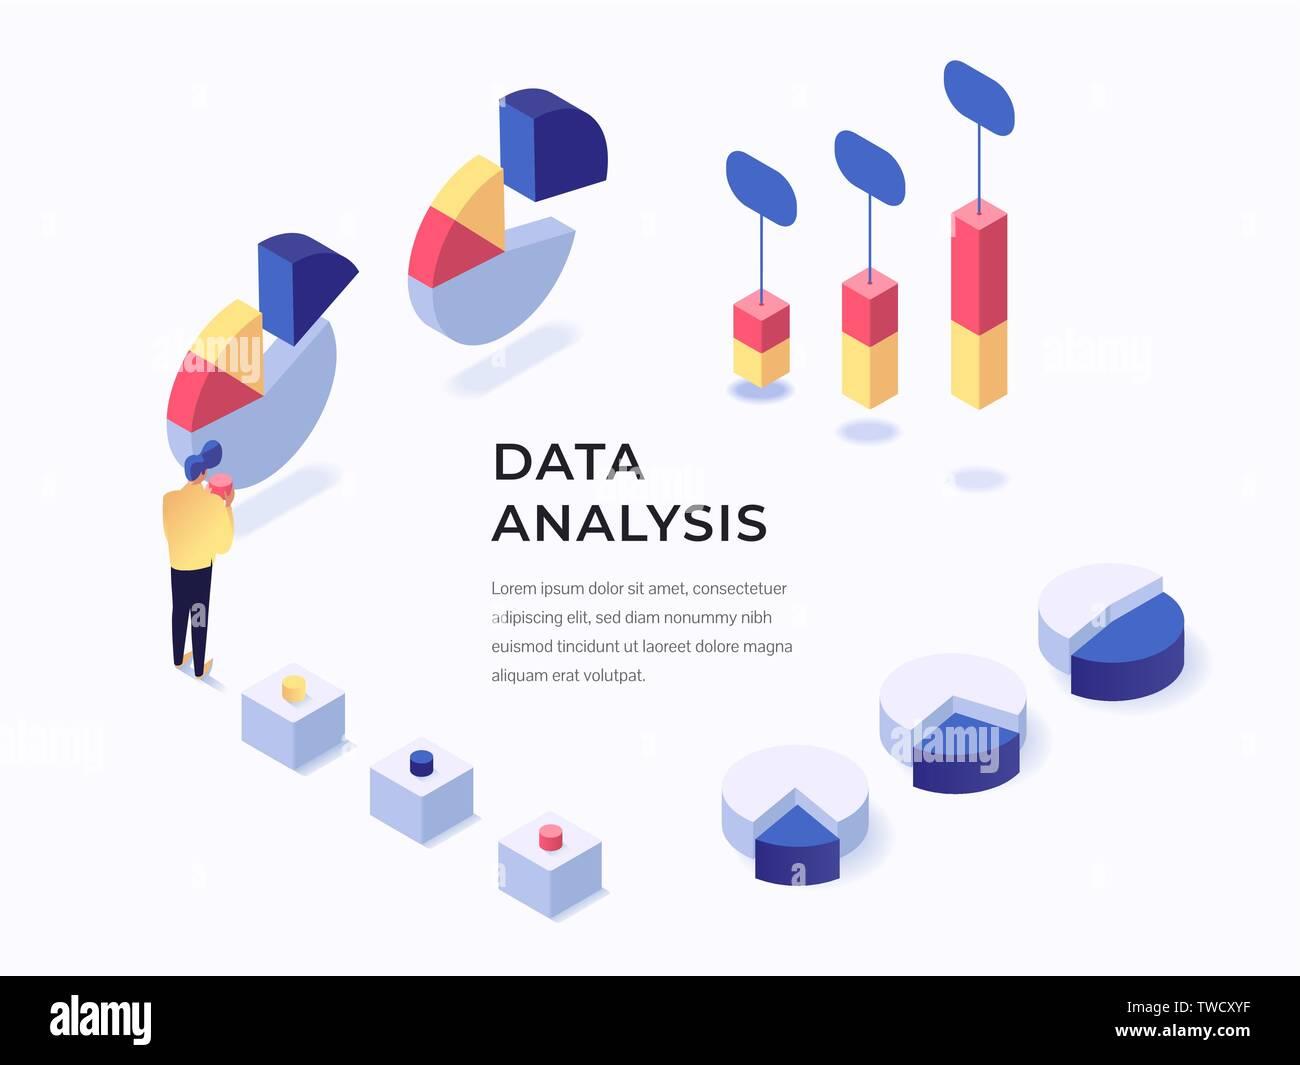 Analyse de données concept isométrique style plat vector illustration. Place pour le texte. Les tableaux et graphiques Illustration de Vecteur